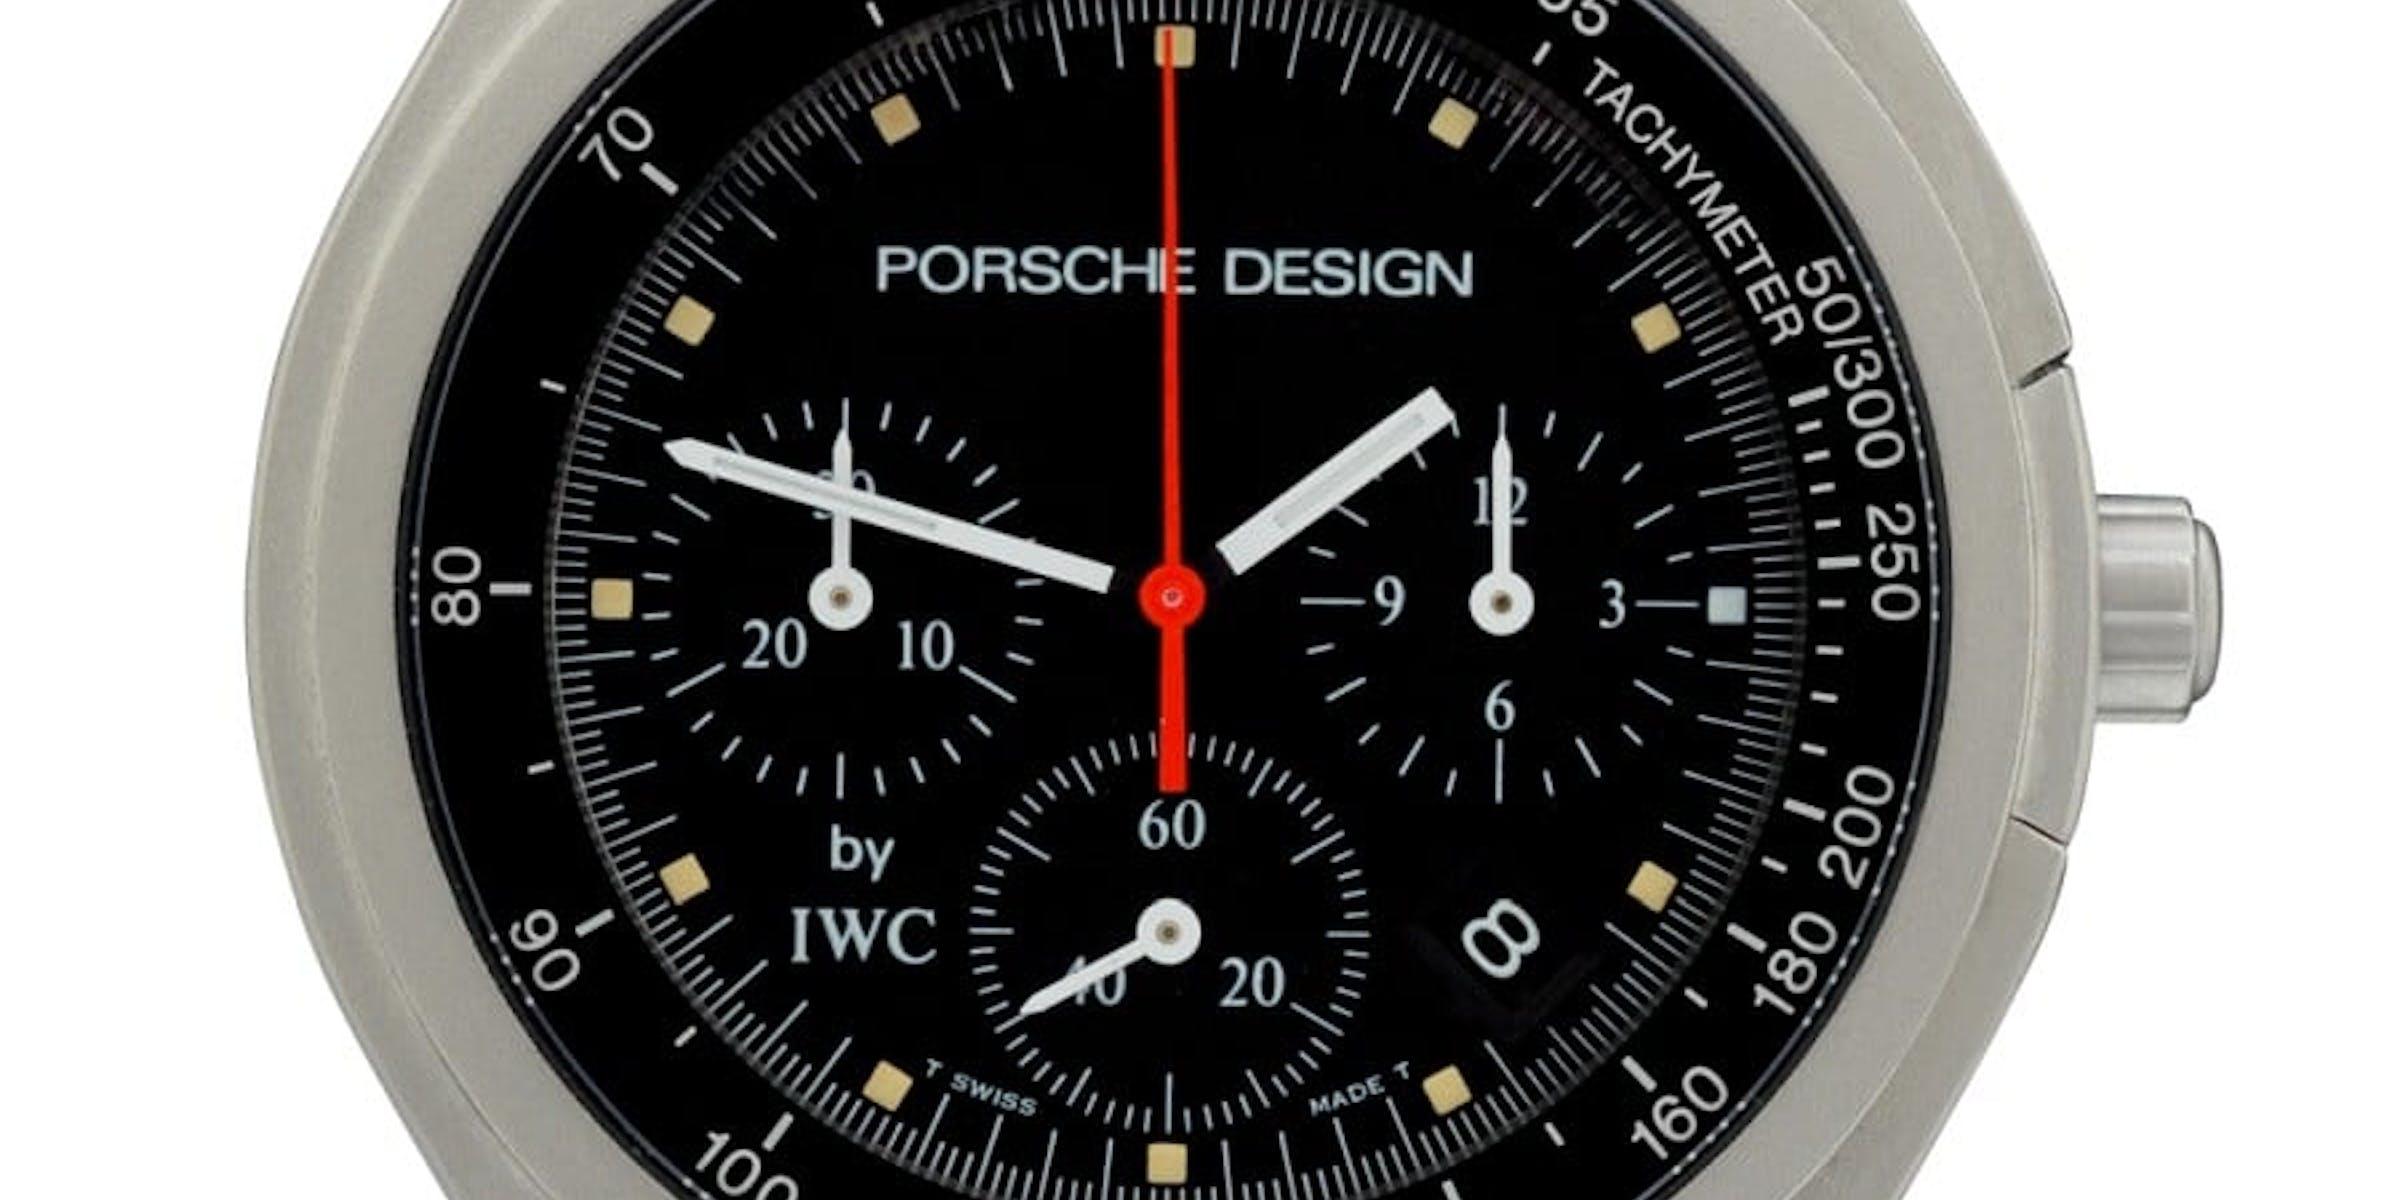 IWC Schaffhausen Porsche Design Titanium Chronograph